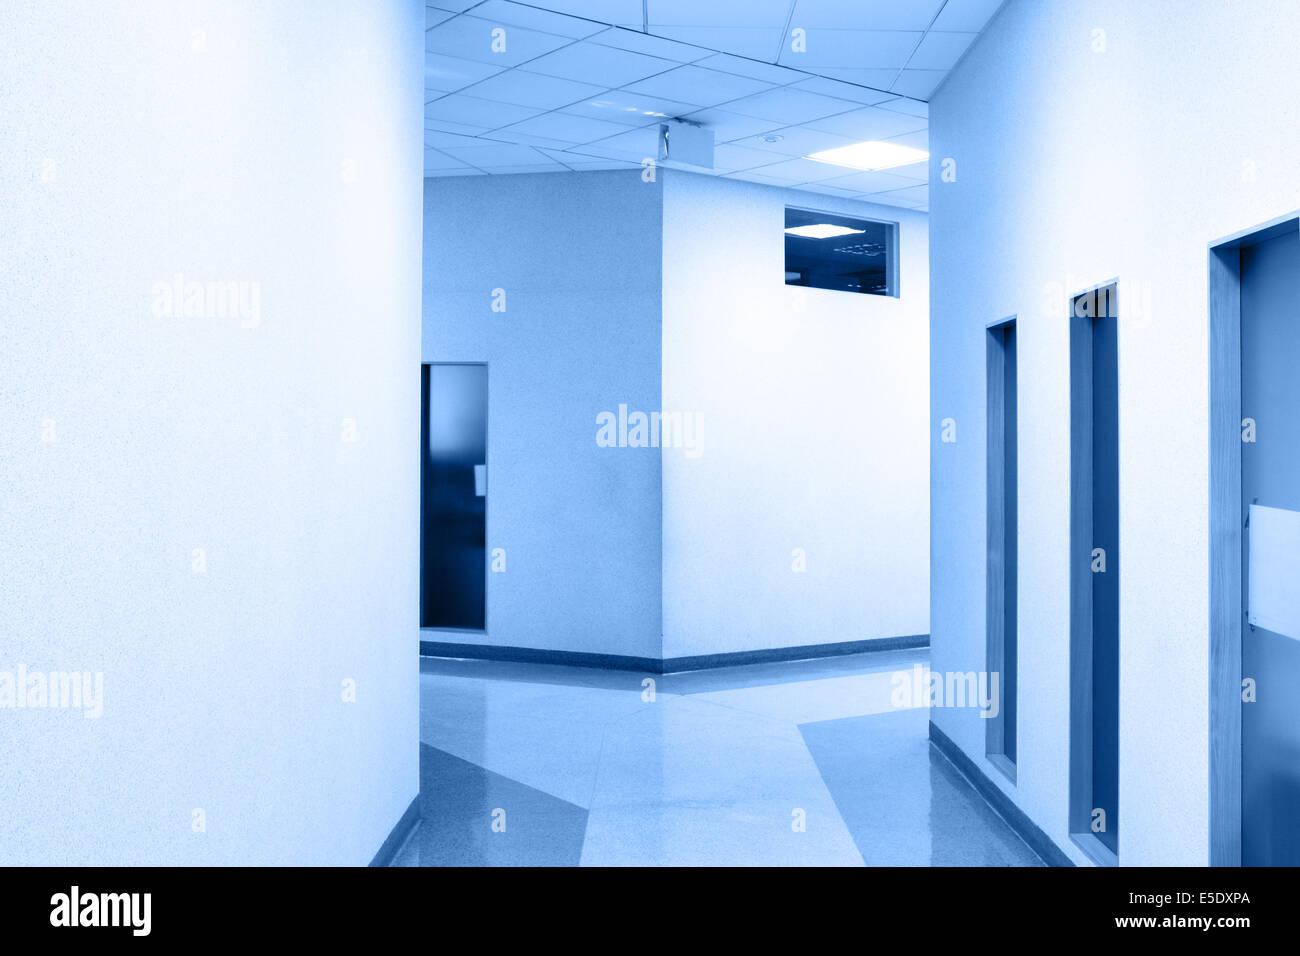 Colori Ufficio Moderno : Prospettiva del corridoio all ufficio moderno tonica in colore blu